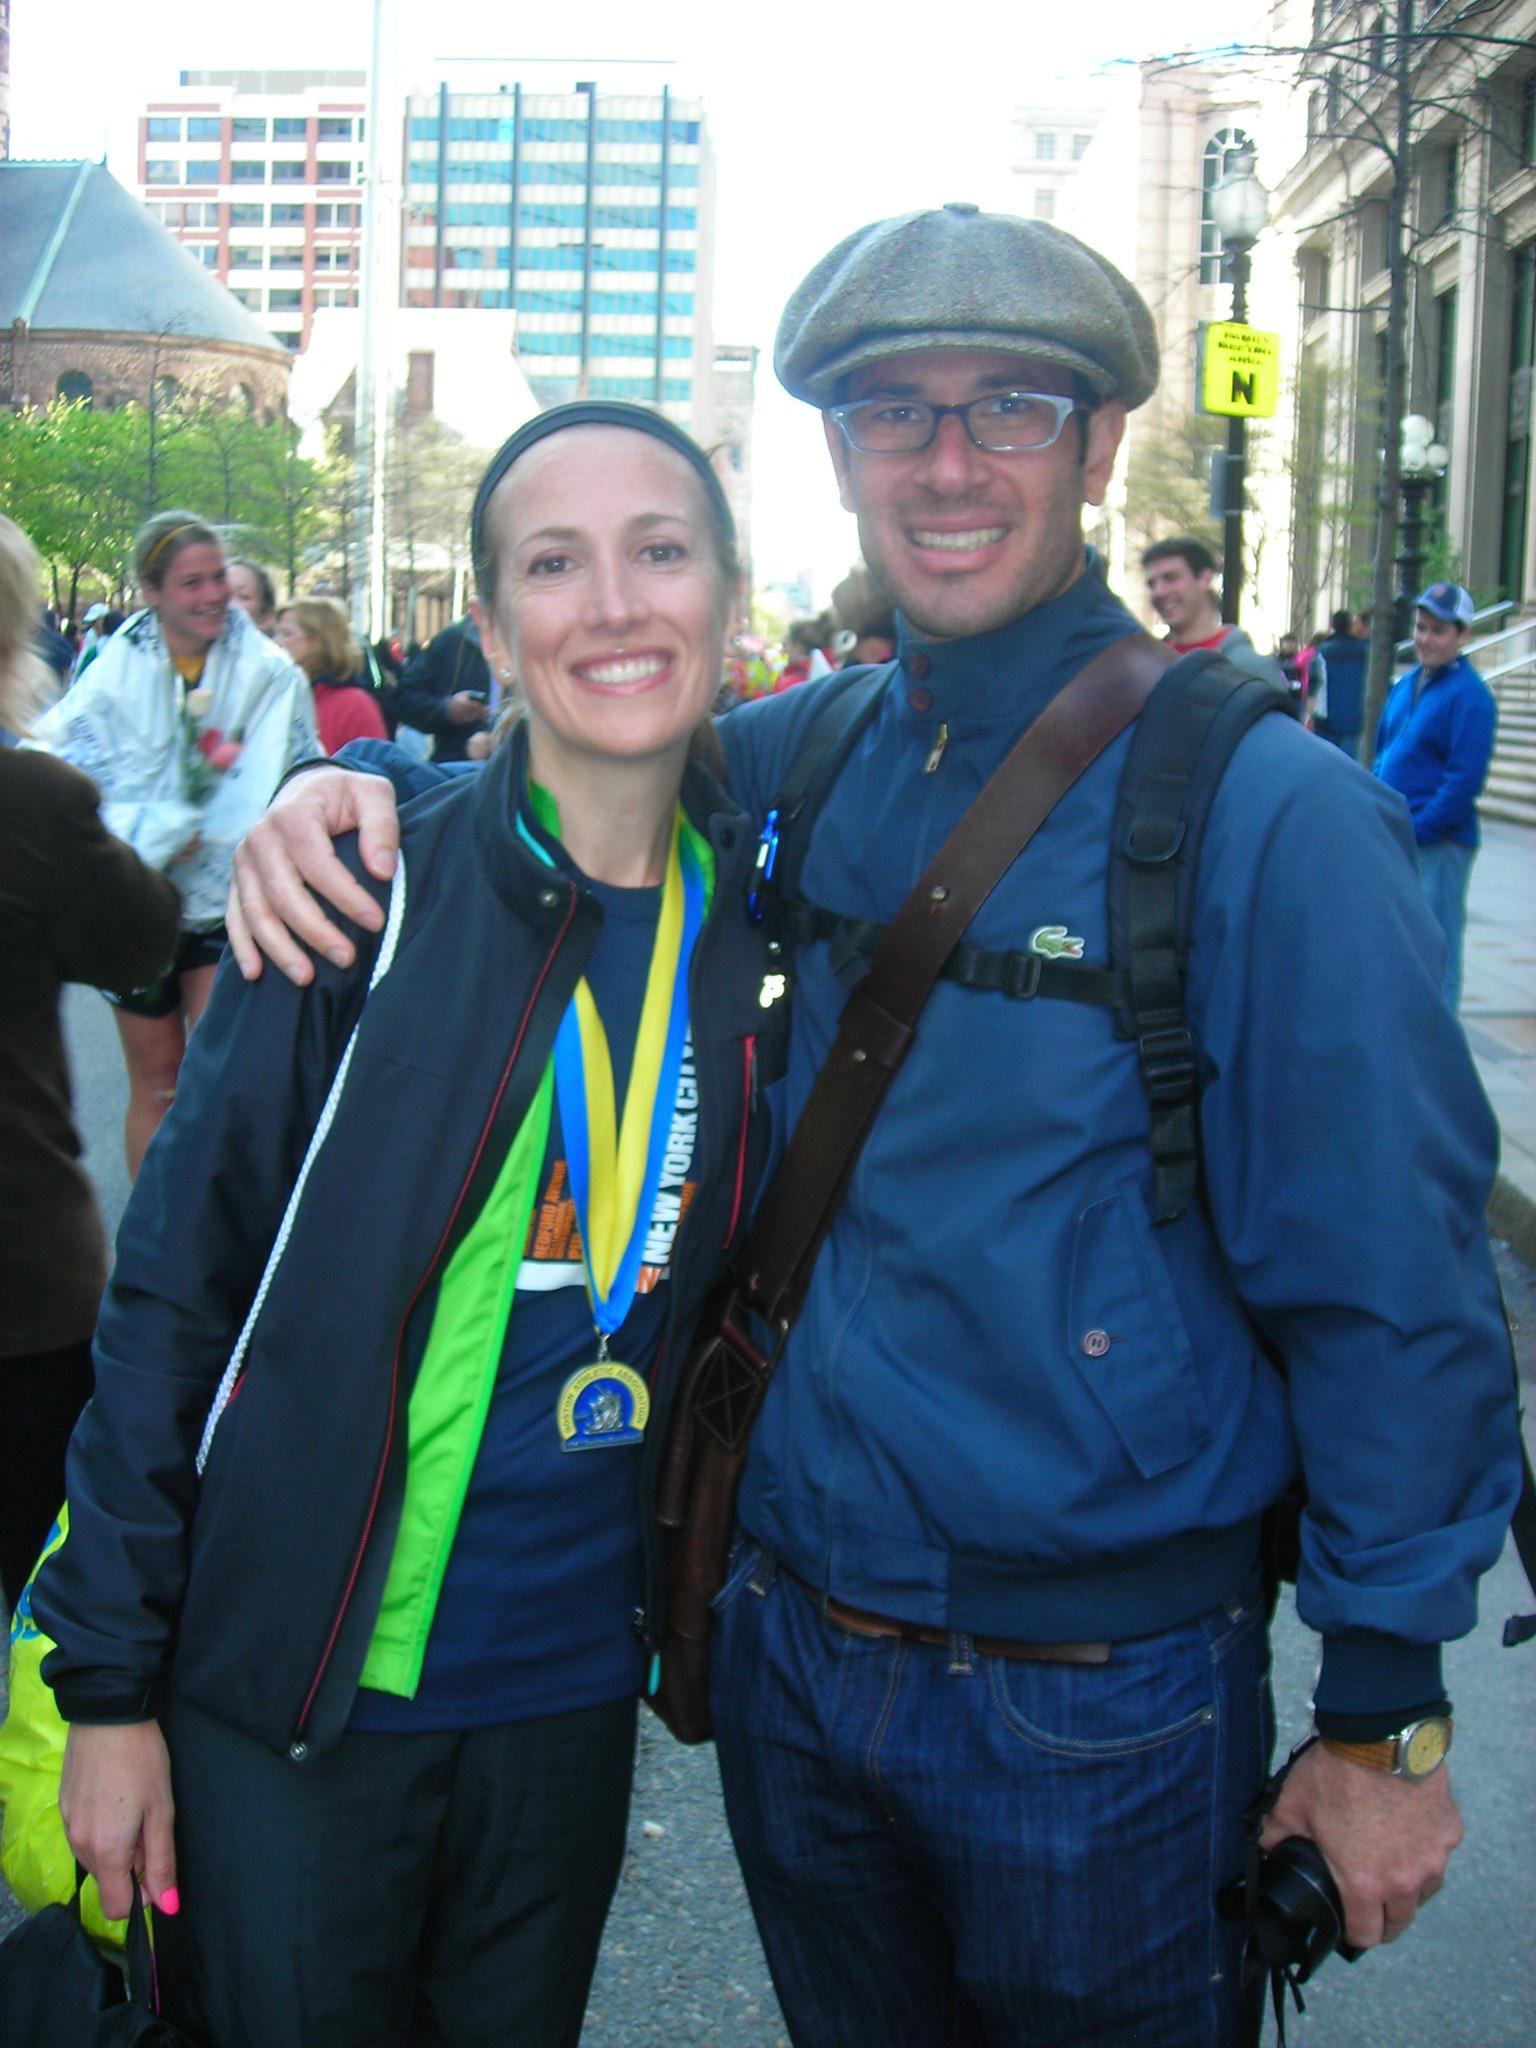 professional marathon crew!